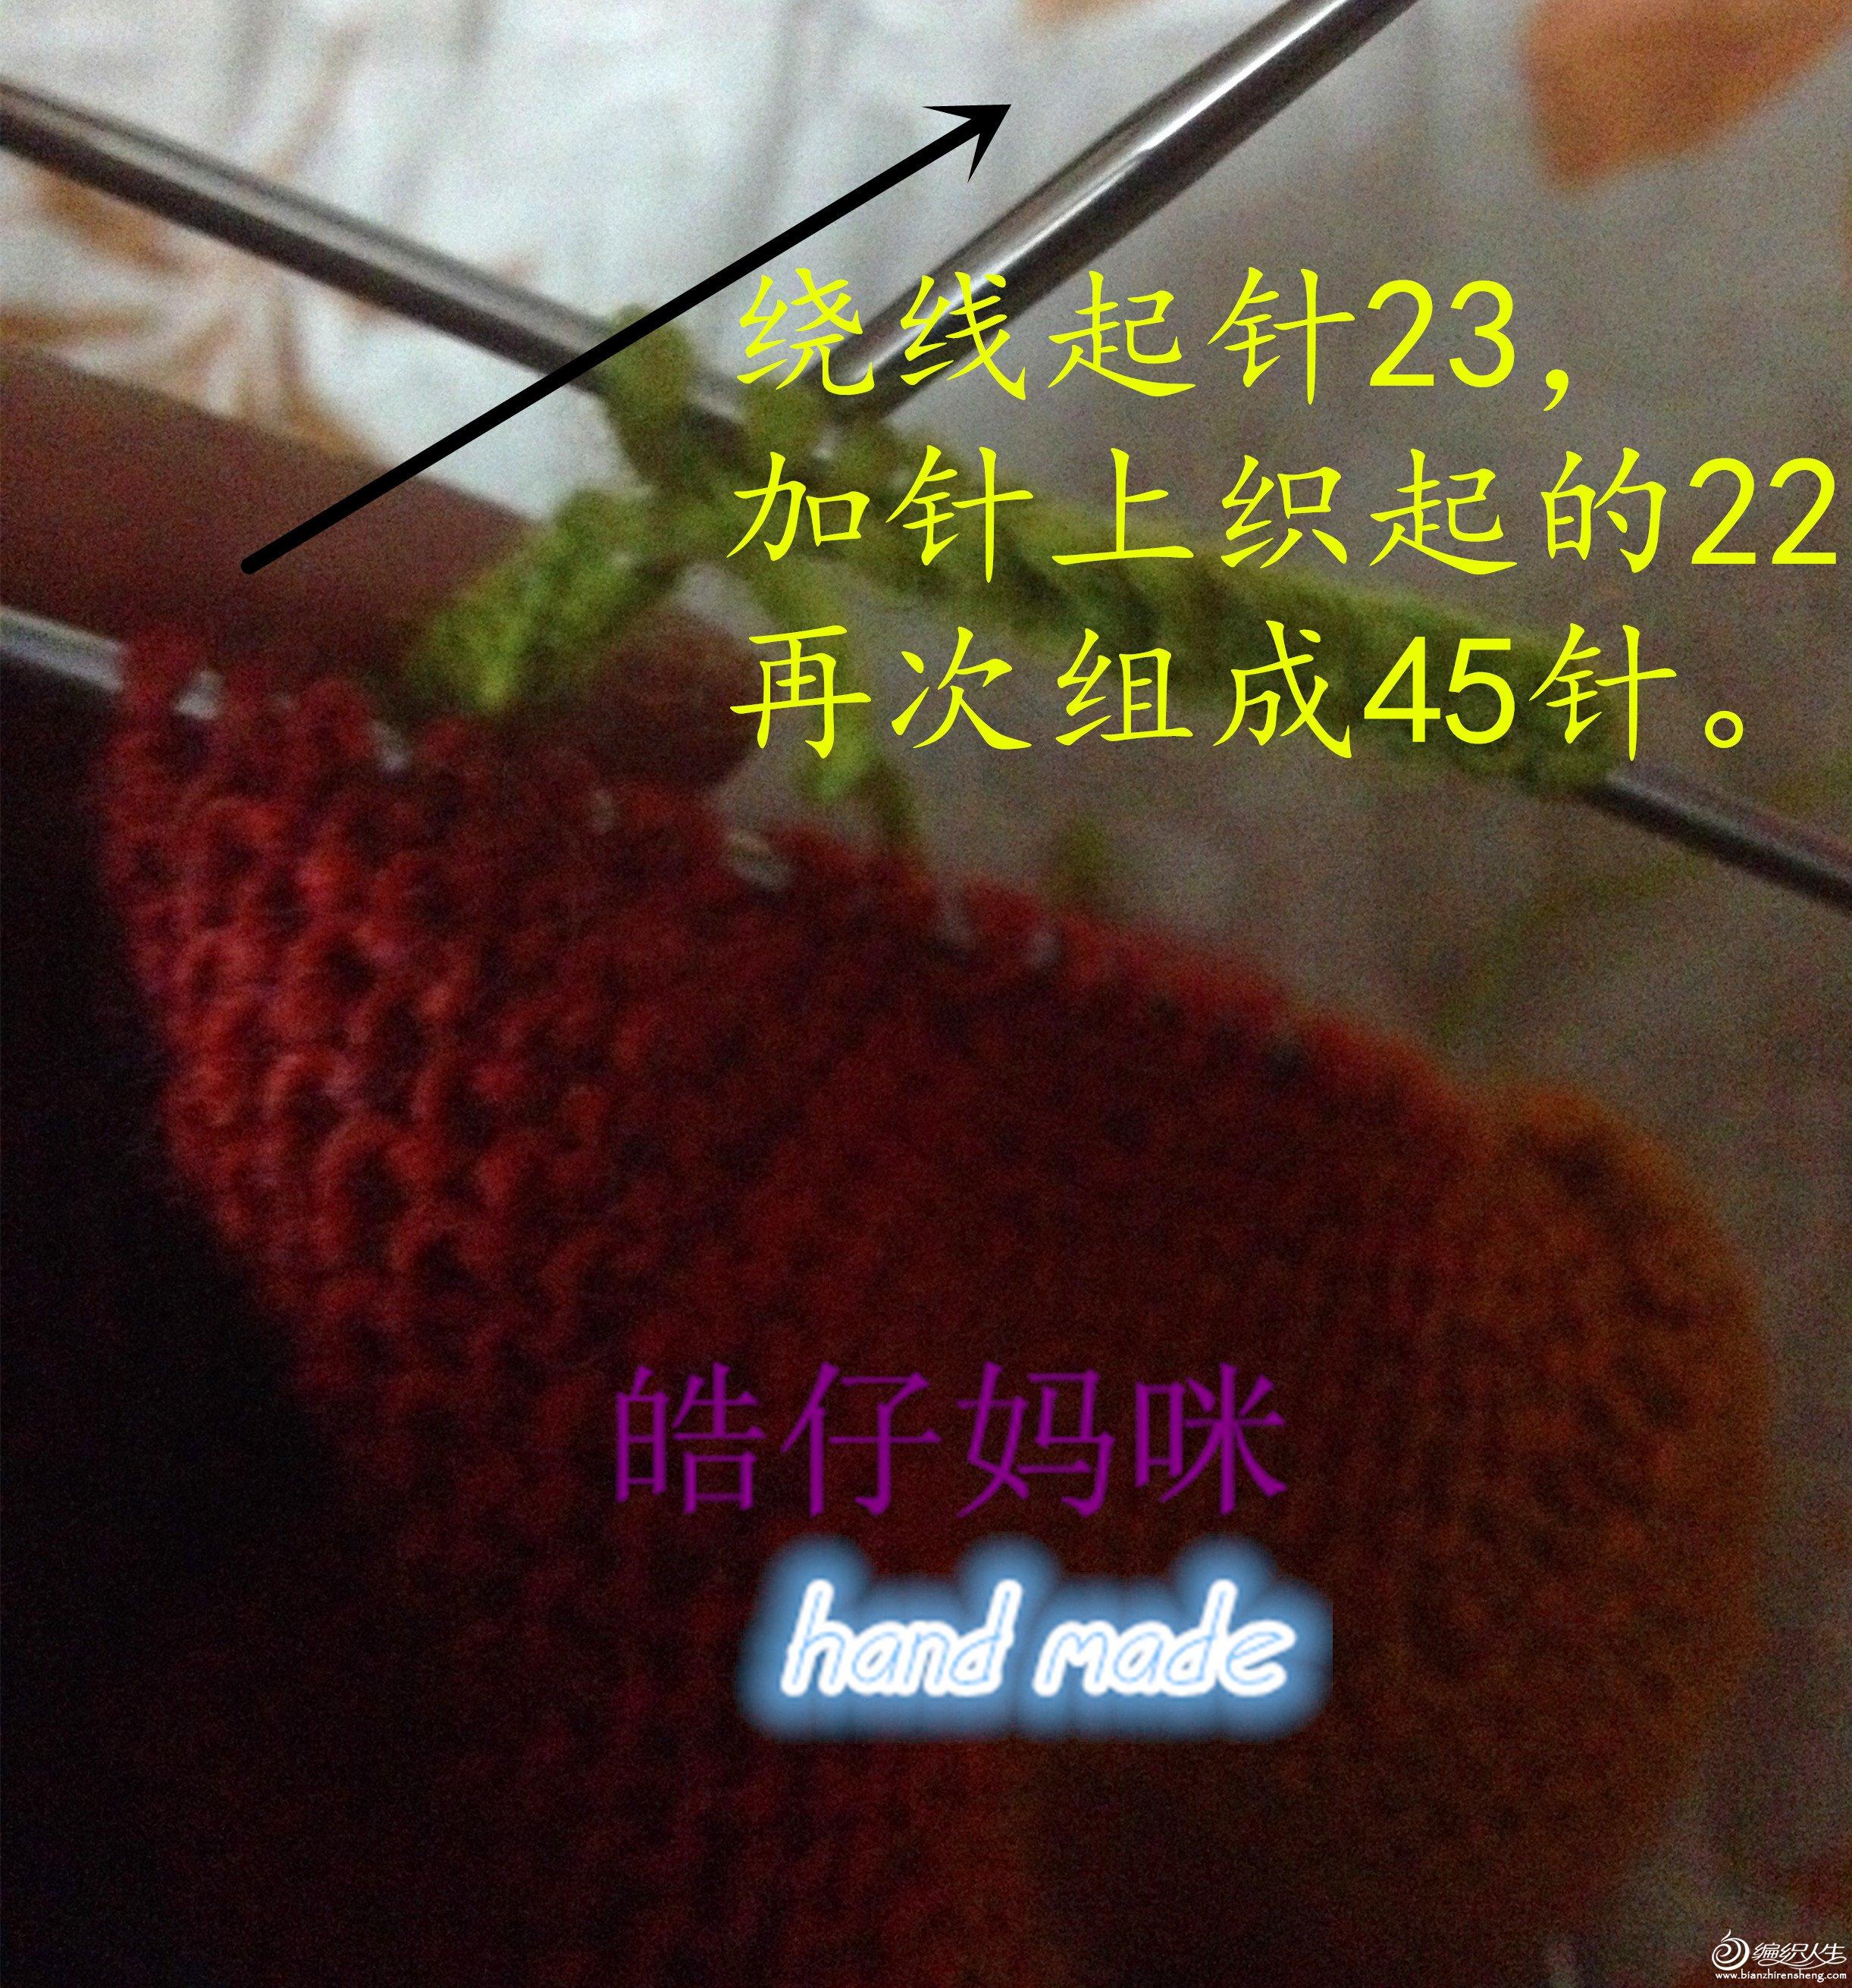 140841cxz17rlrzqxfm28q.jpg